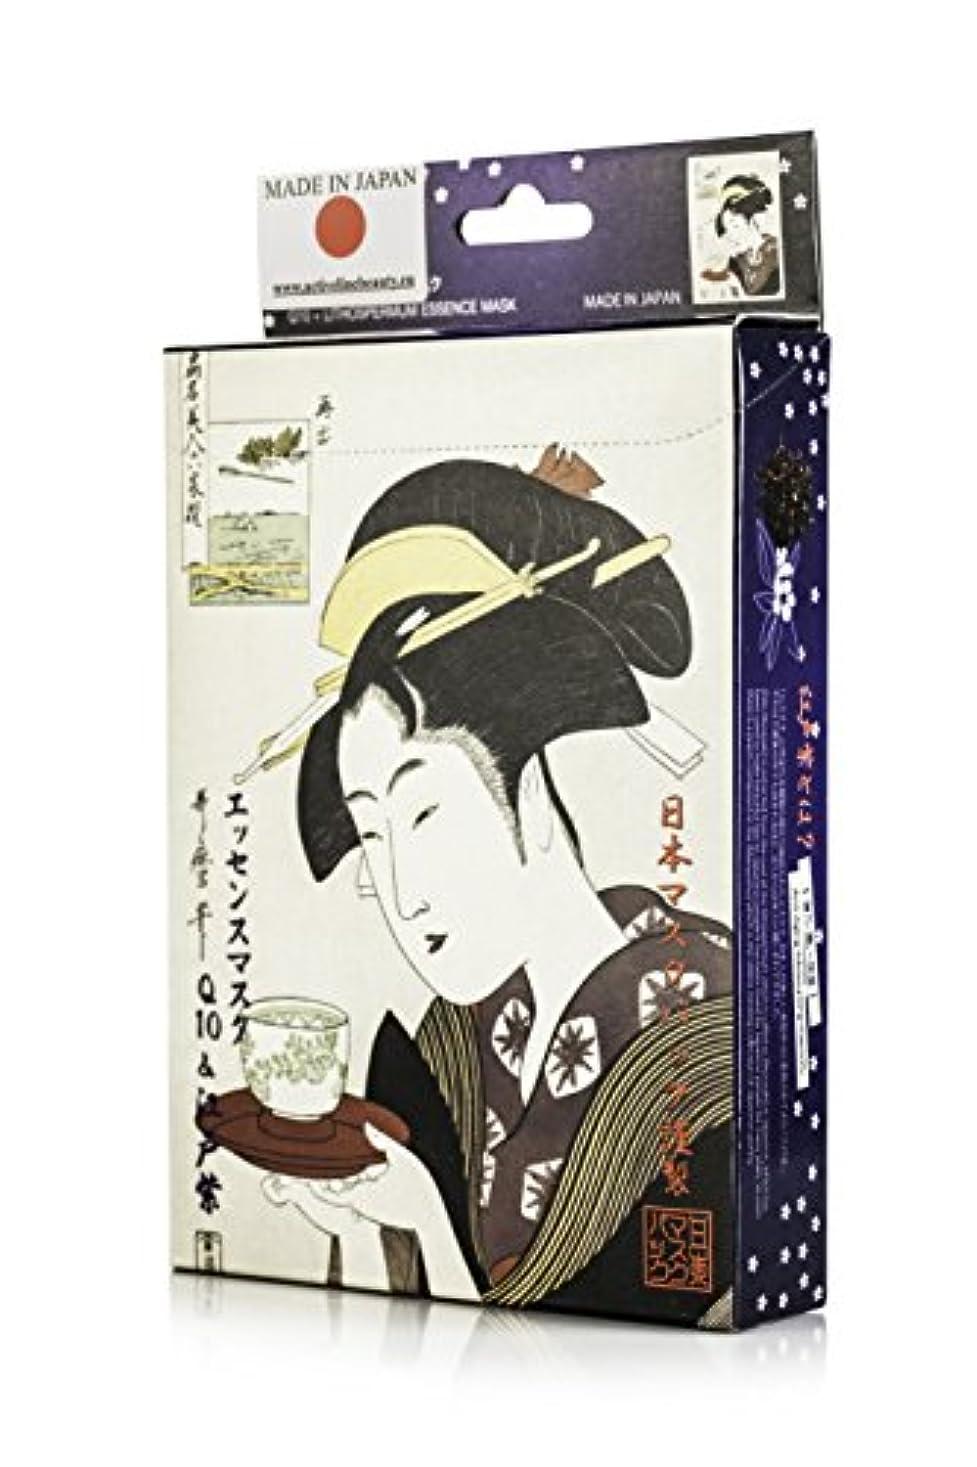 ジャンプ座ると組む浮世絵シリーズ 歌麿ライン エッセンスマスク コエンザイムQ10+江戸紫 (10枚入)